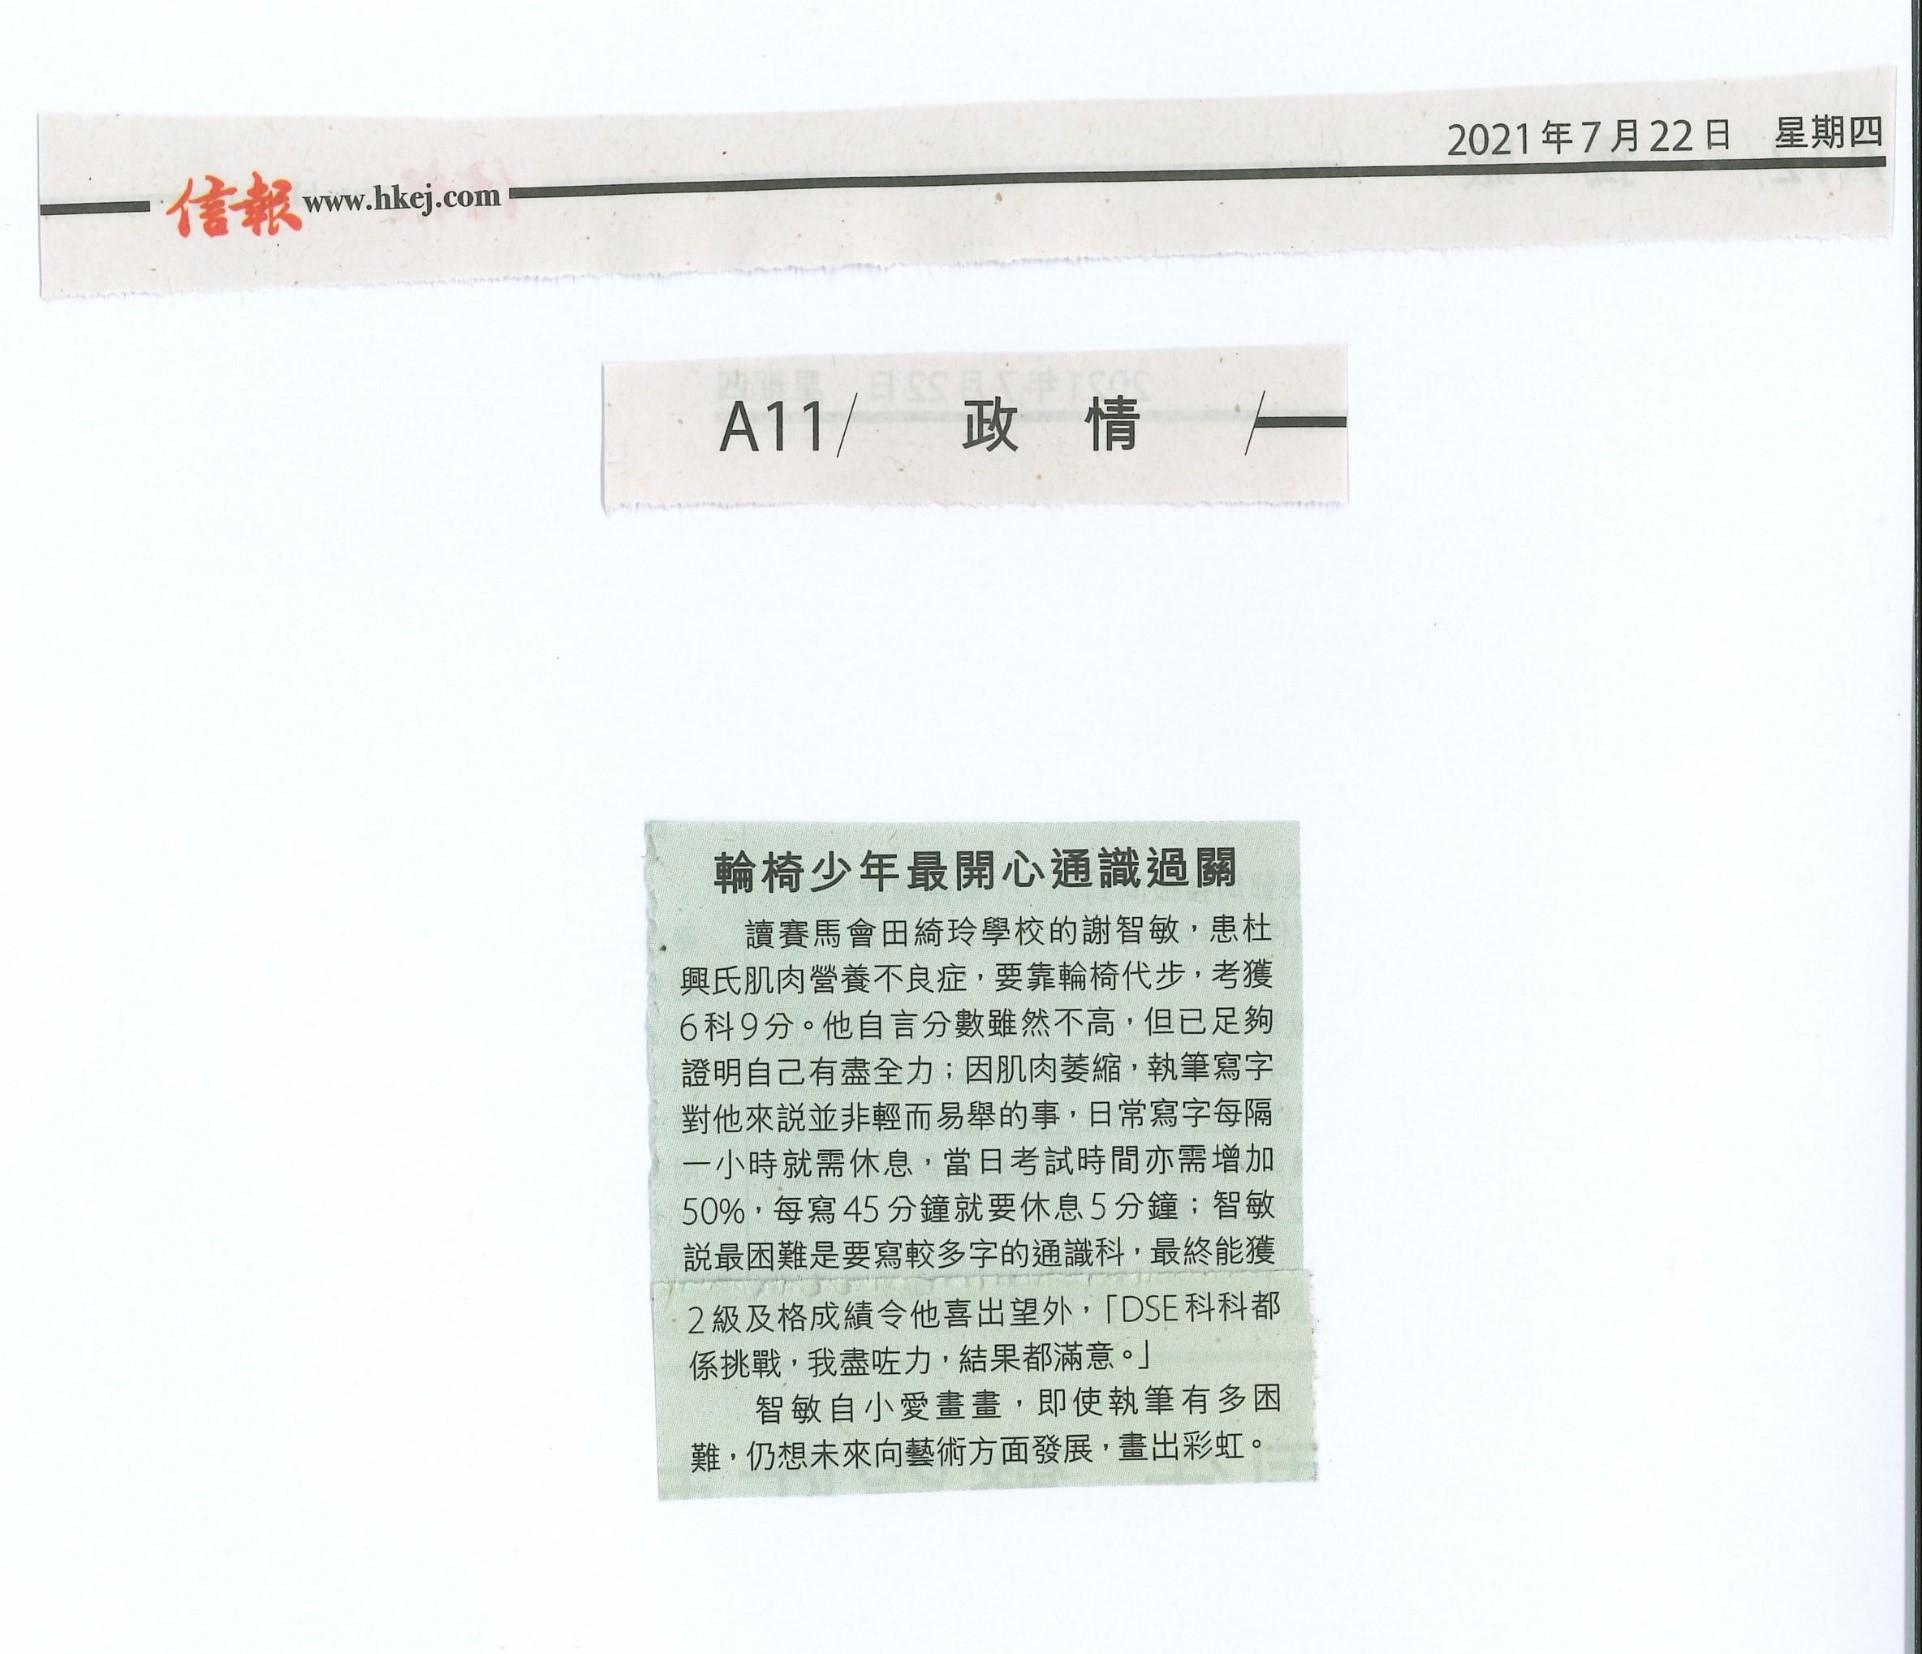 2021-07-22 信報專訪應屆DSE畢業生謝智敏